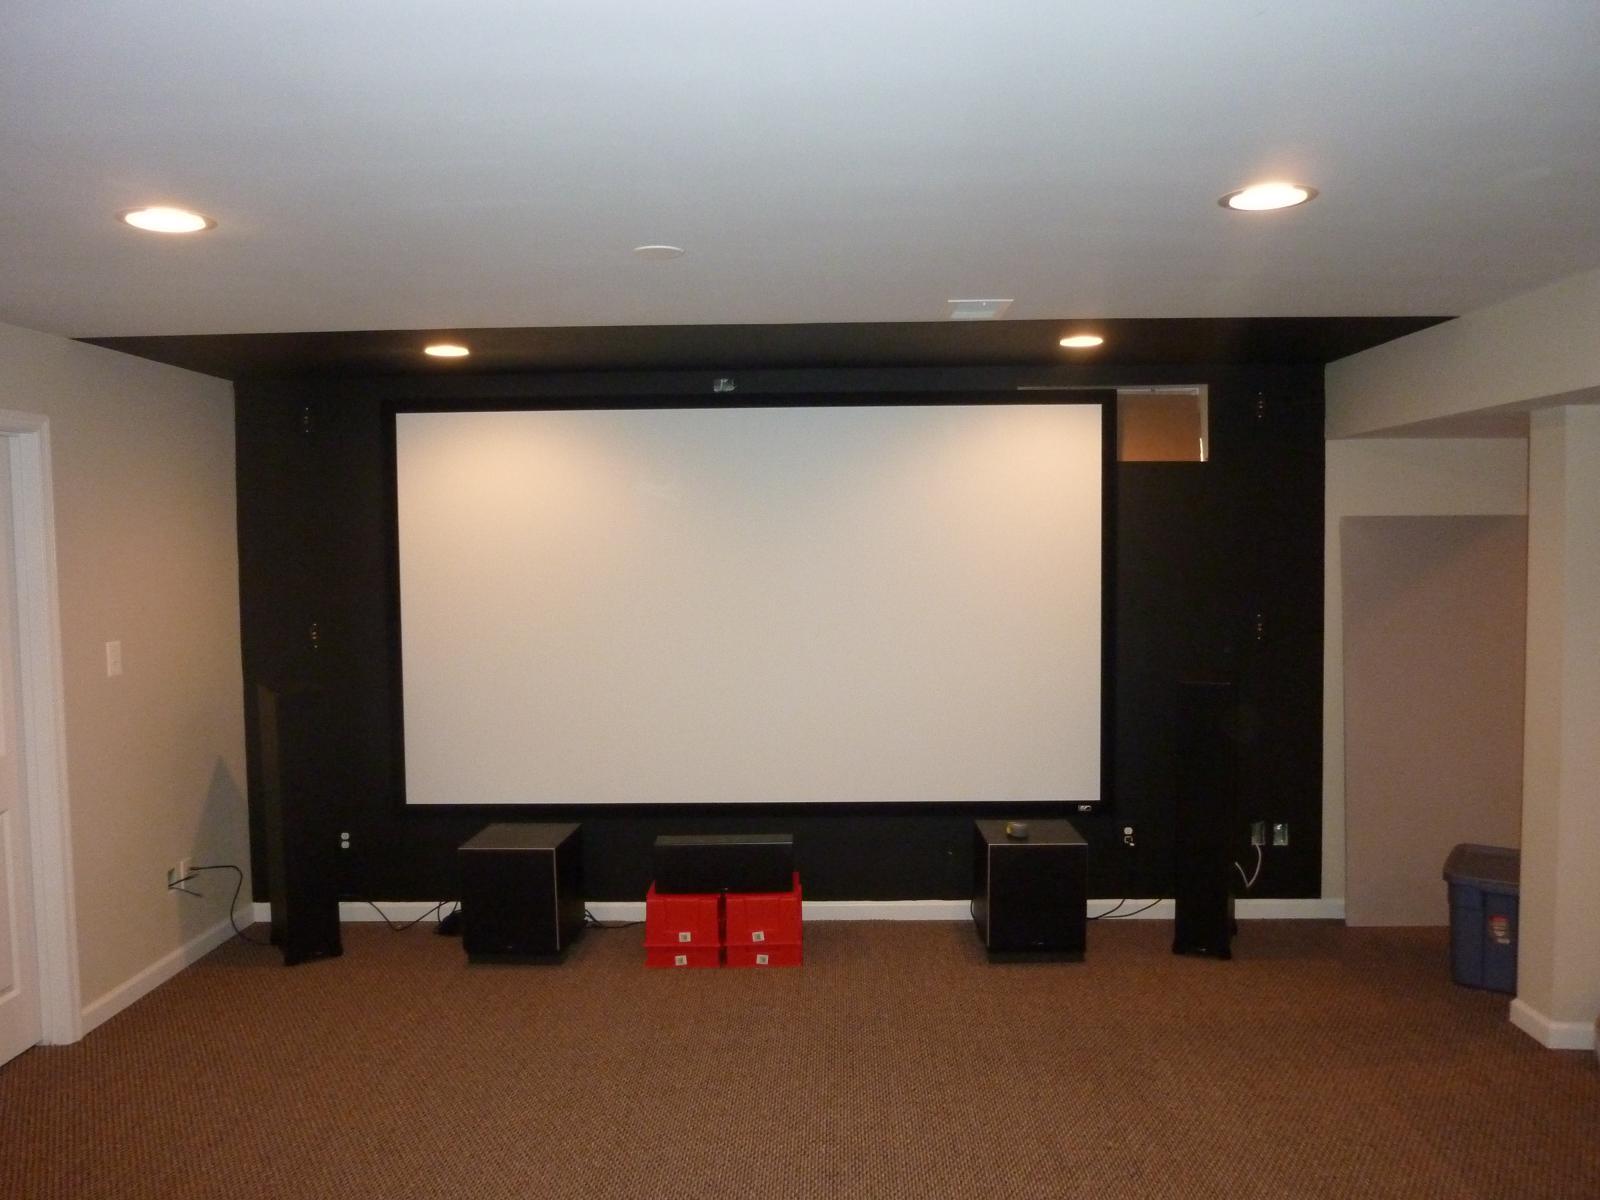 Home Theater Build - 2.0! (a DIY Erskine Design) - AVS Forum | Home